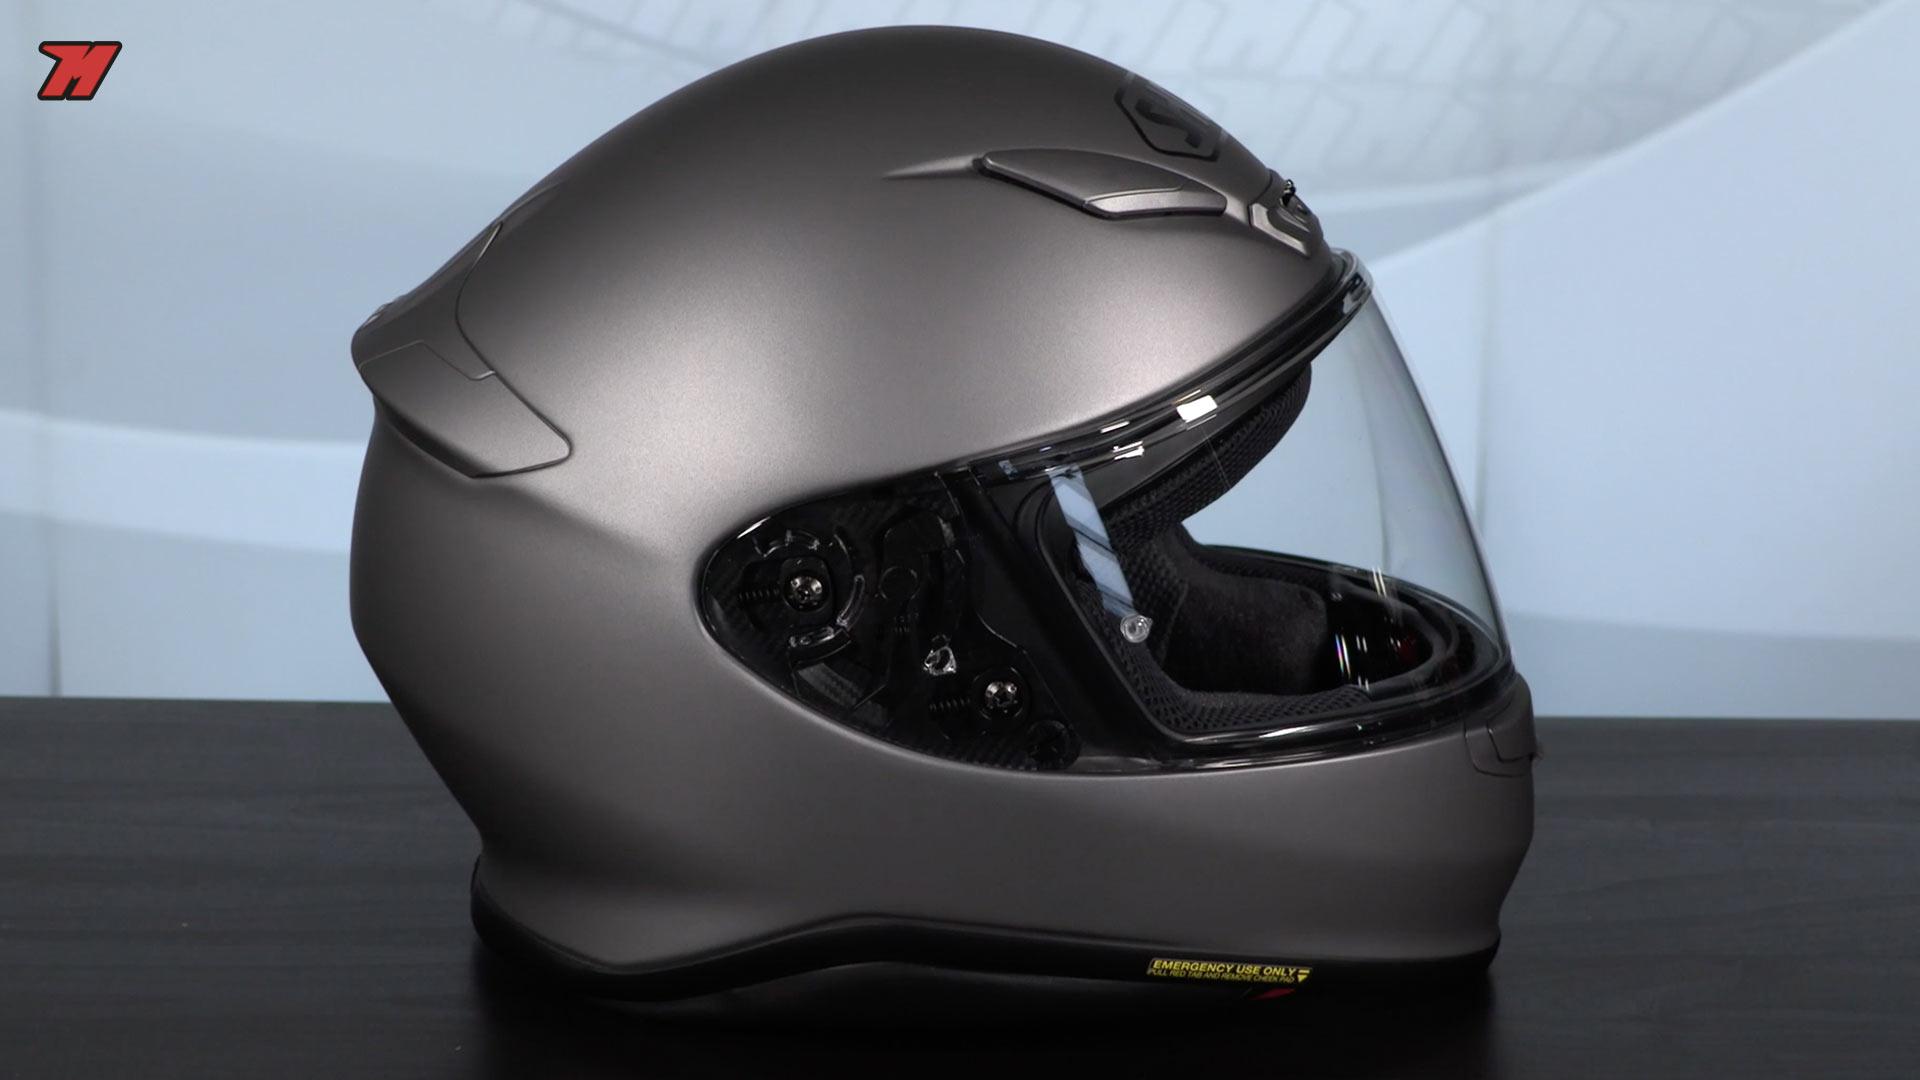 Les 5 meilleurs casques pour une moto Roadster